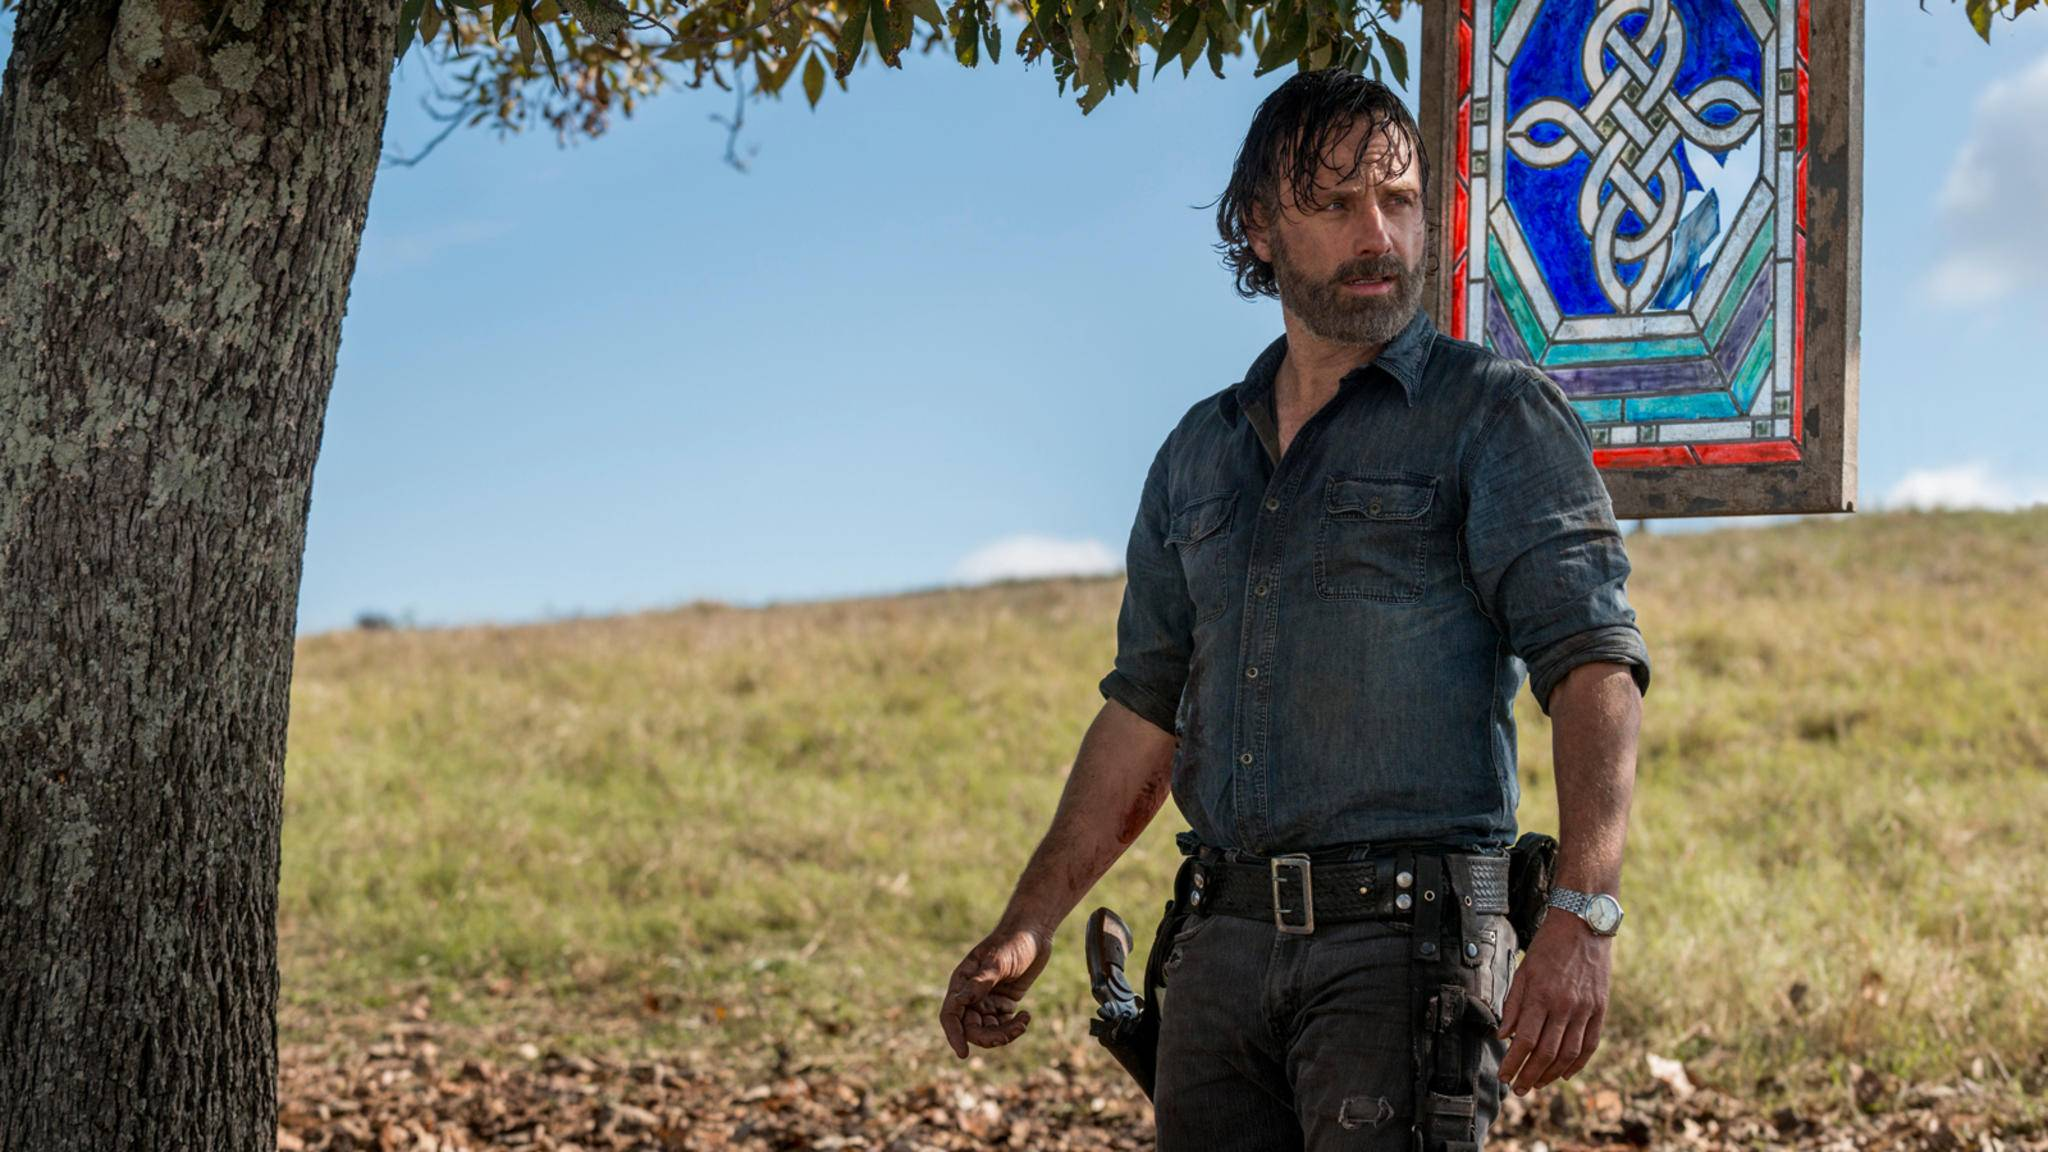 Wann Kommt The Walking Dead Staffel 9